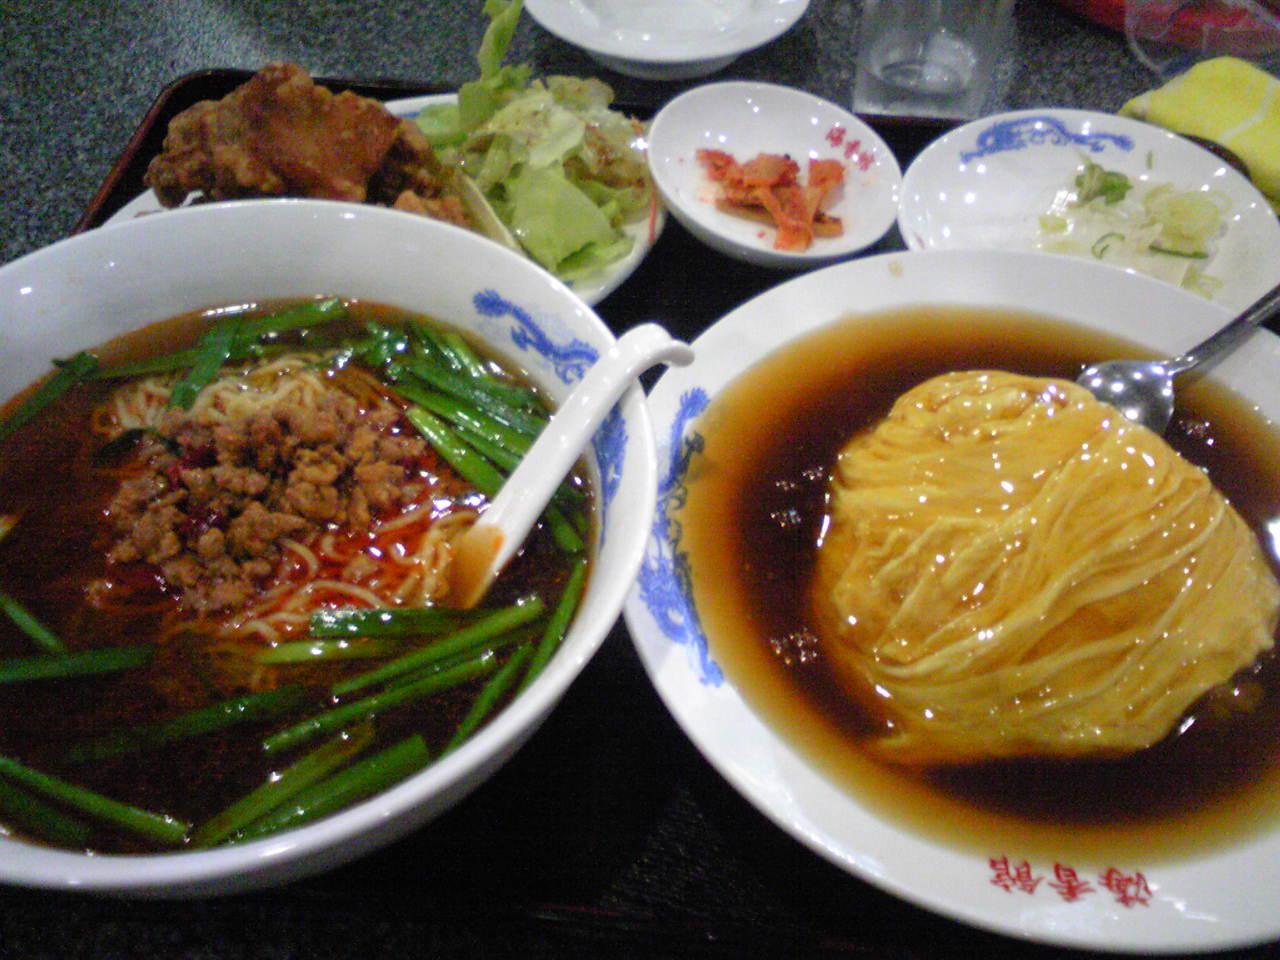 台湾料理 海香館 西尾米津店